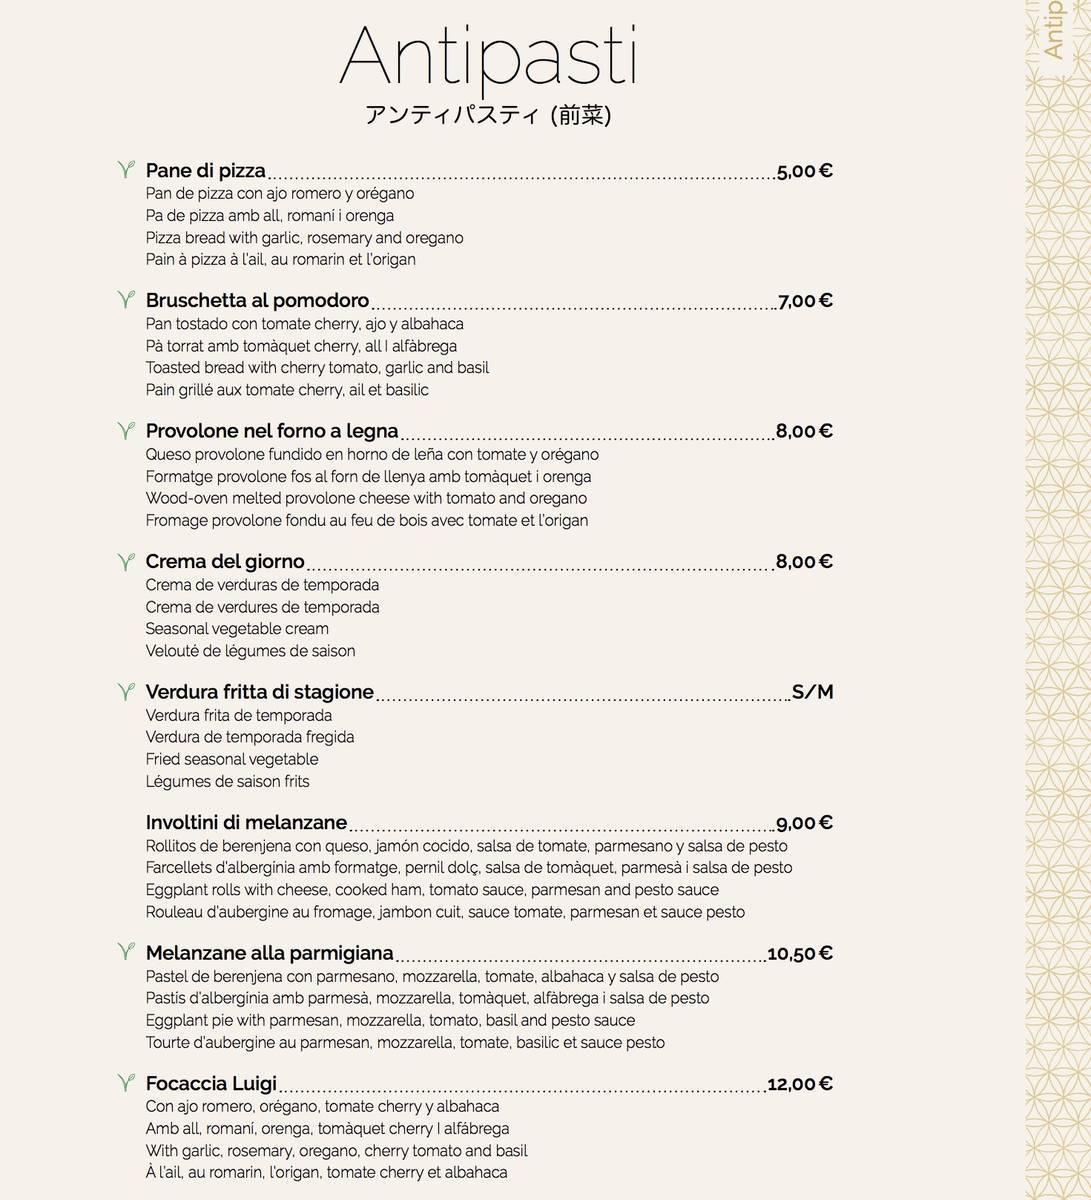 f:id:kaedetaniyoshi:20210727031043j:plain